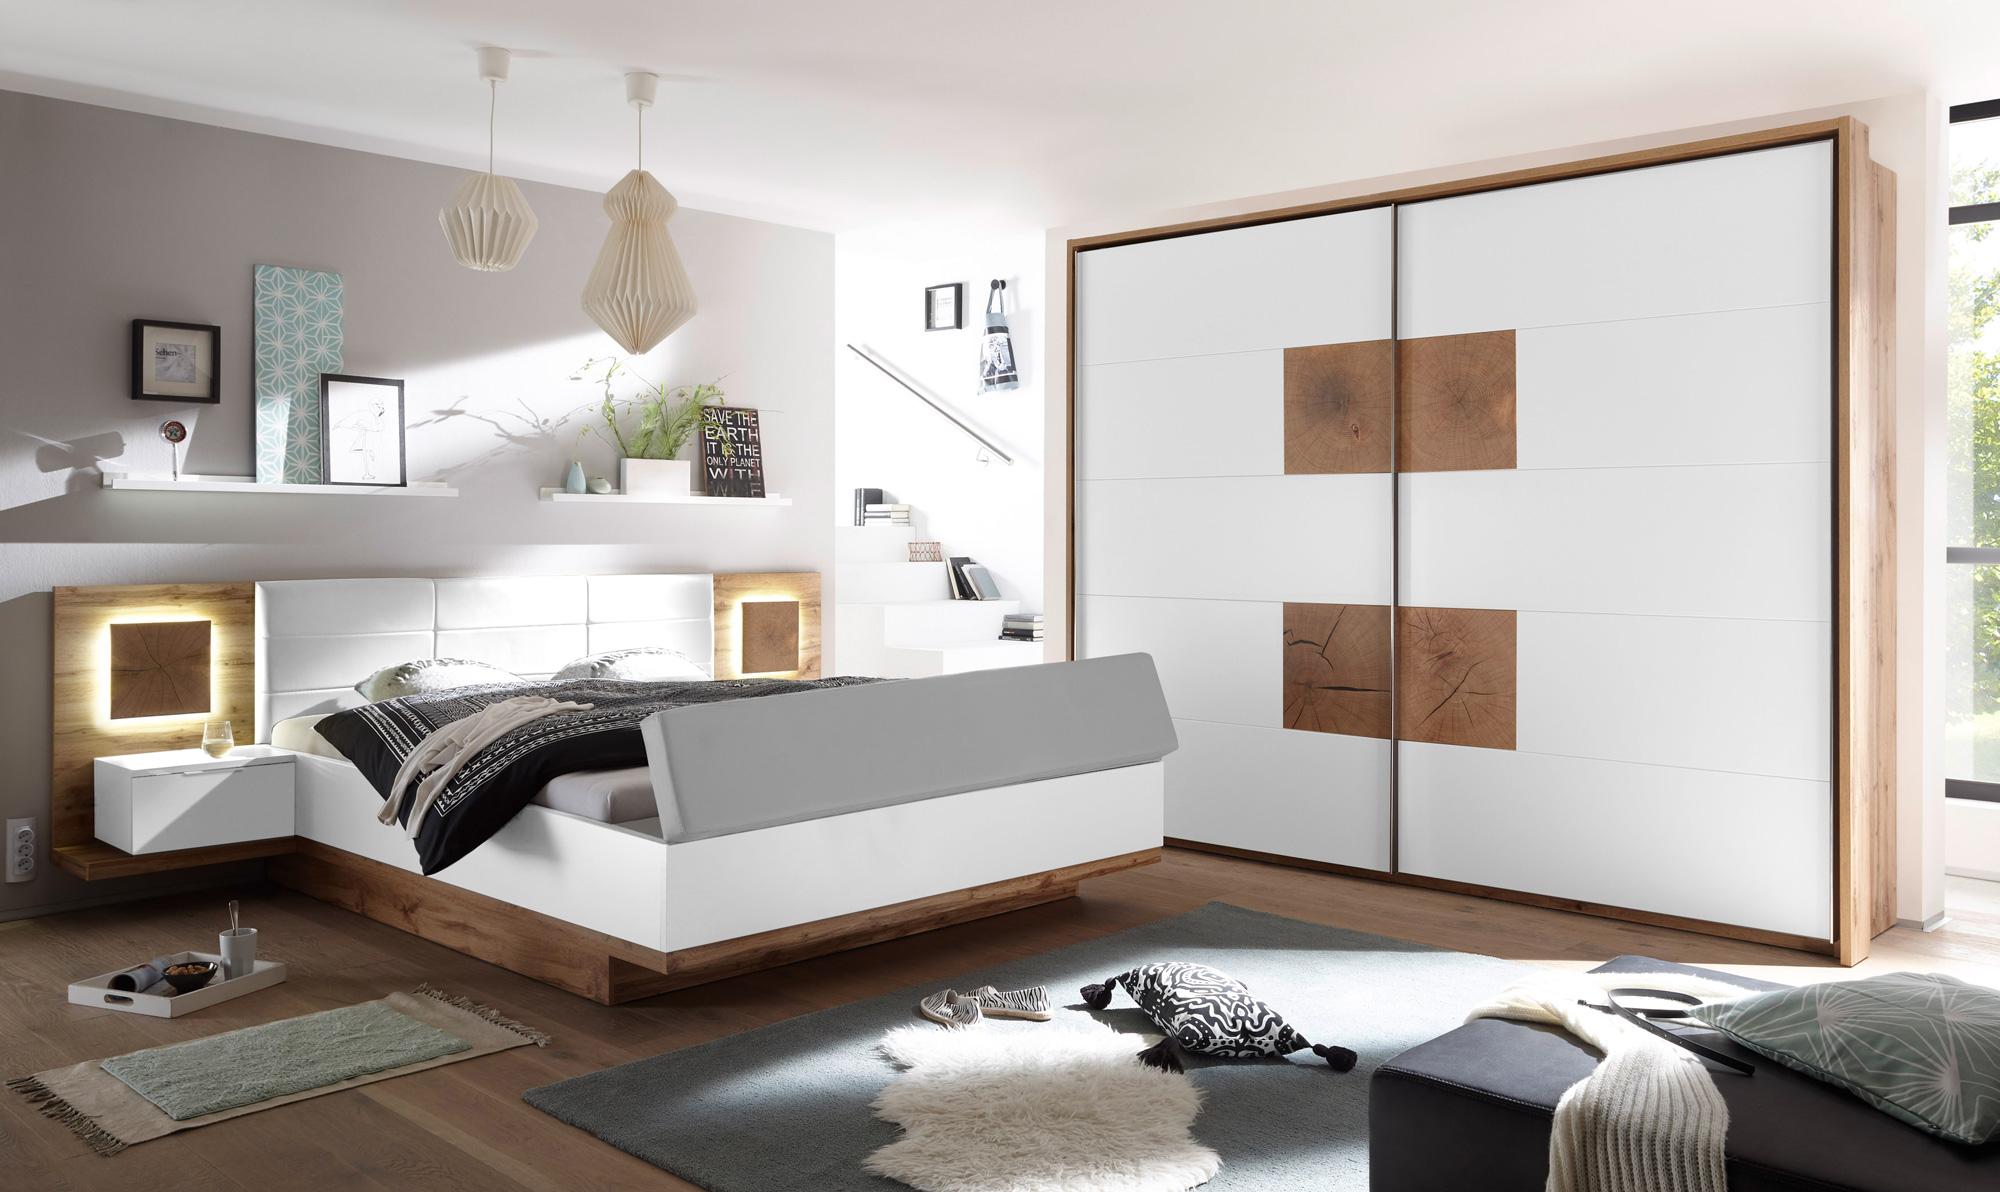 cameron ii schlafzimmer mit betttruhe wildeiche weiss. Black Bedroom Furniture Sets. Home Design Ideas